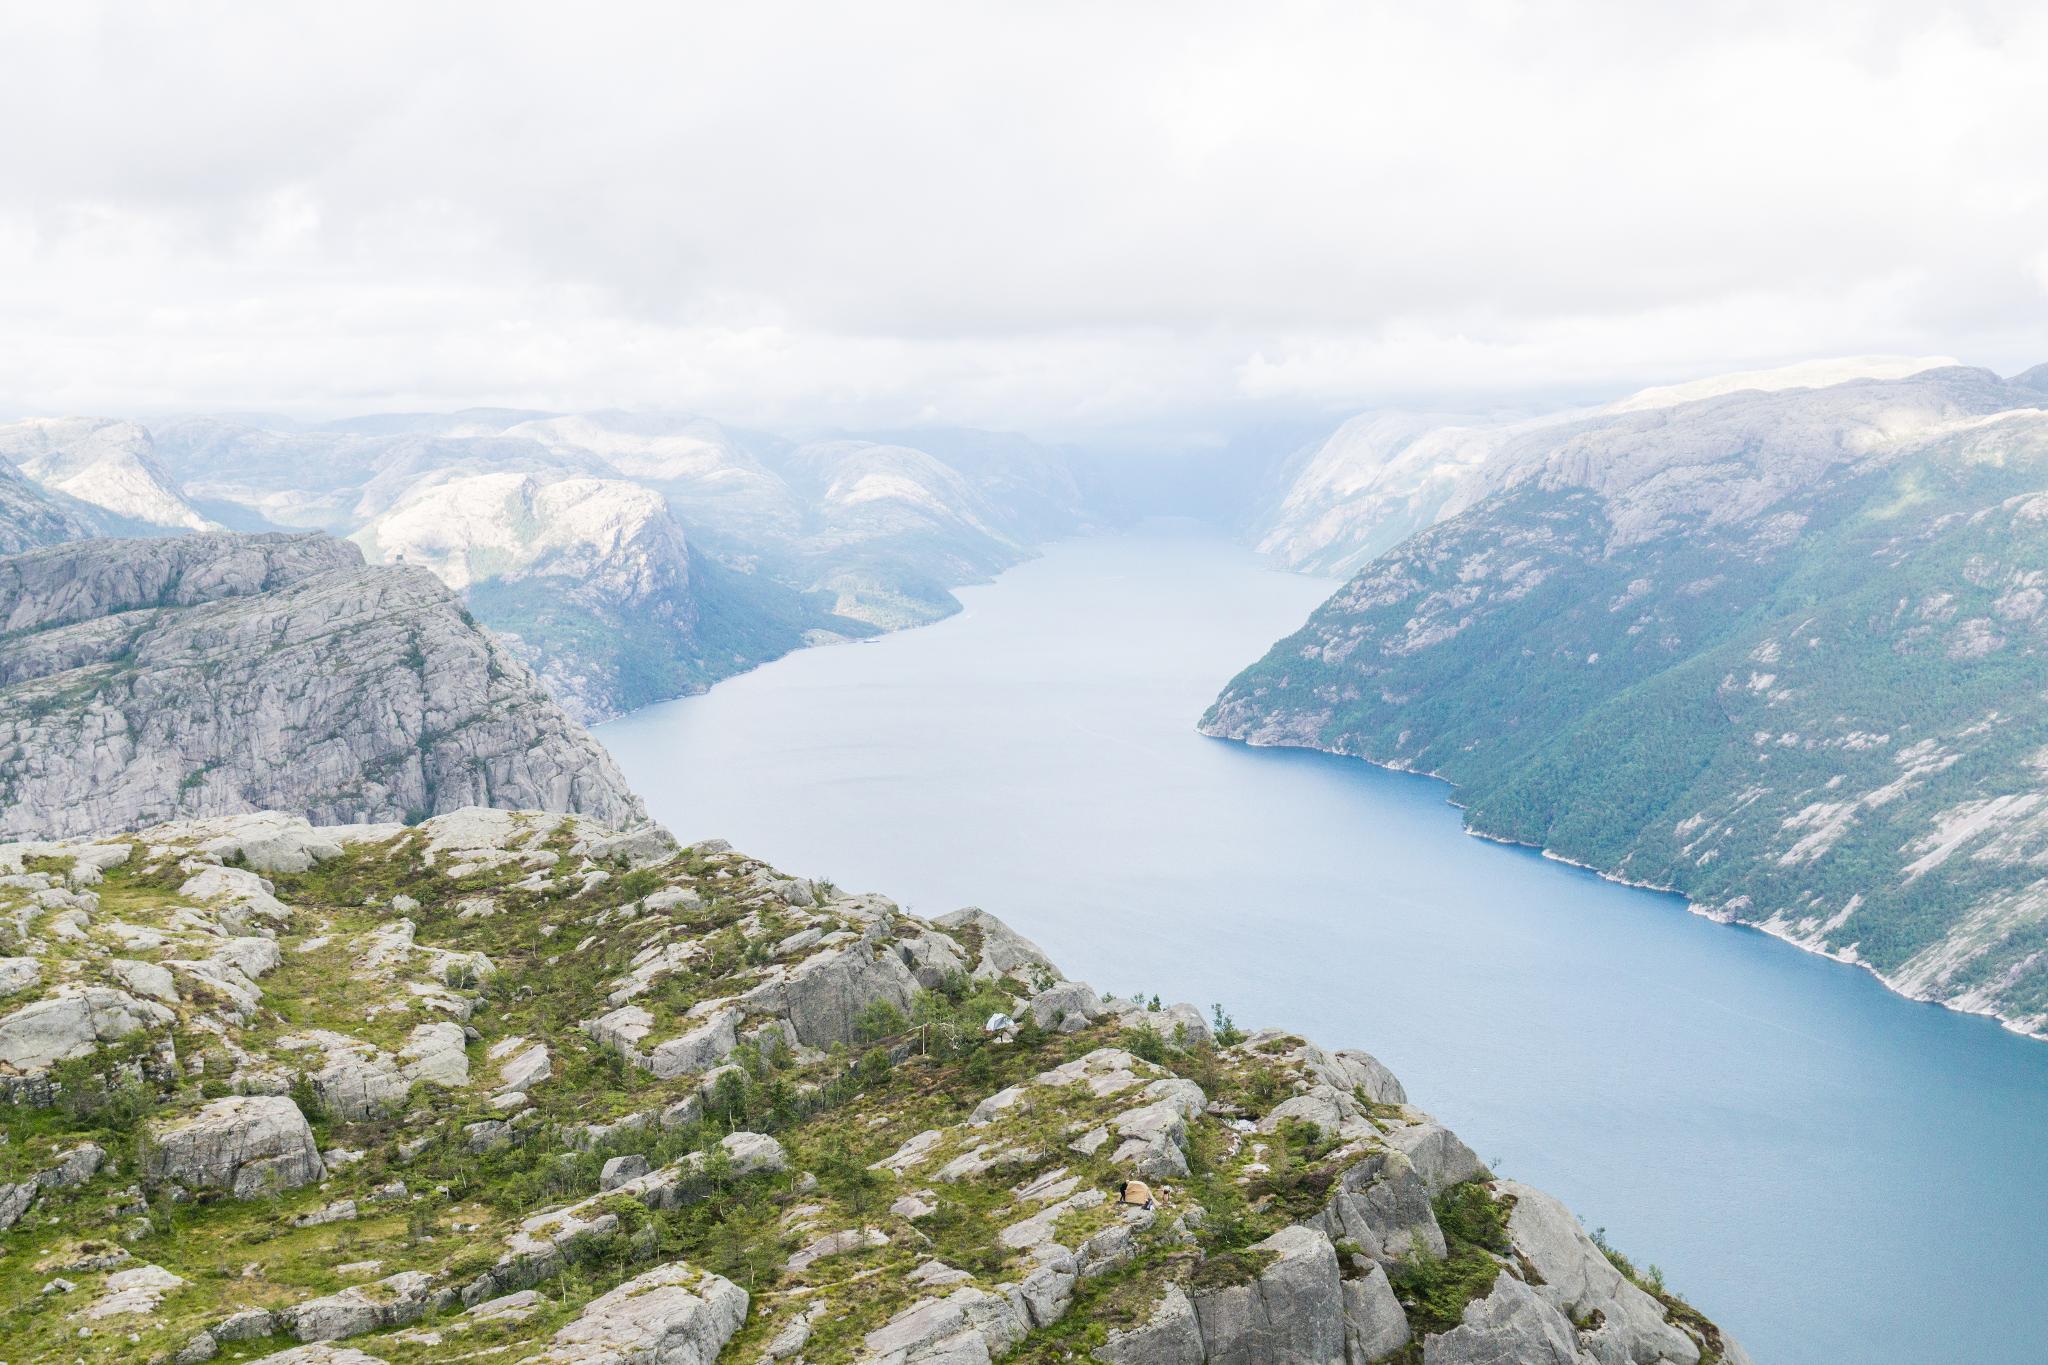 【北歐景點】朝聖挪威三大奇岩:聖壇岩Preikestolen健行紀錄 38